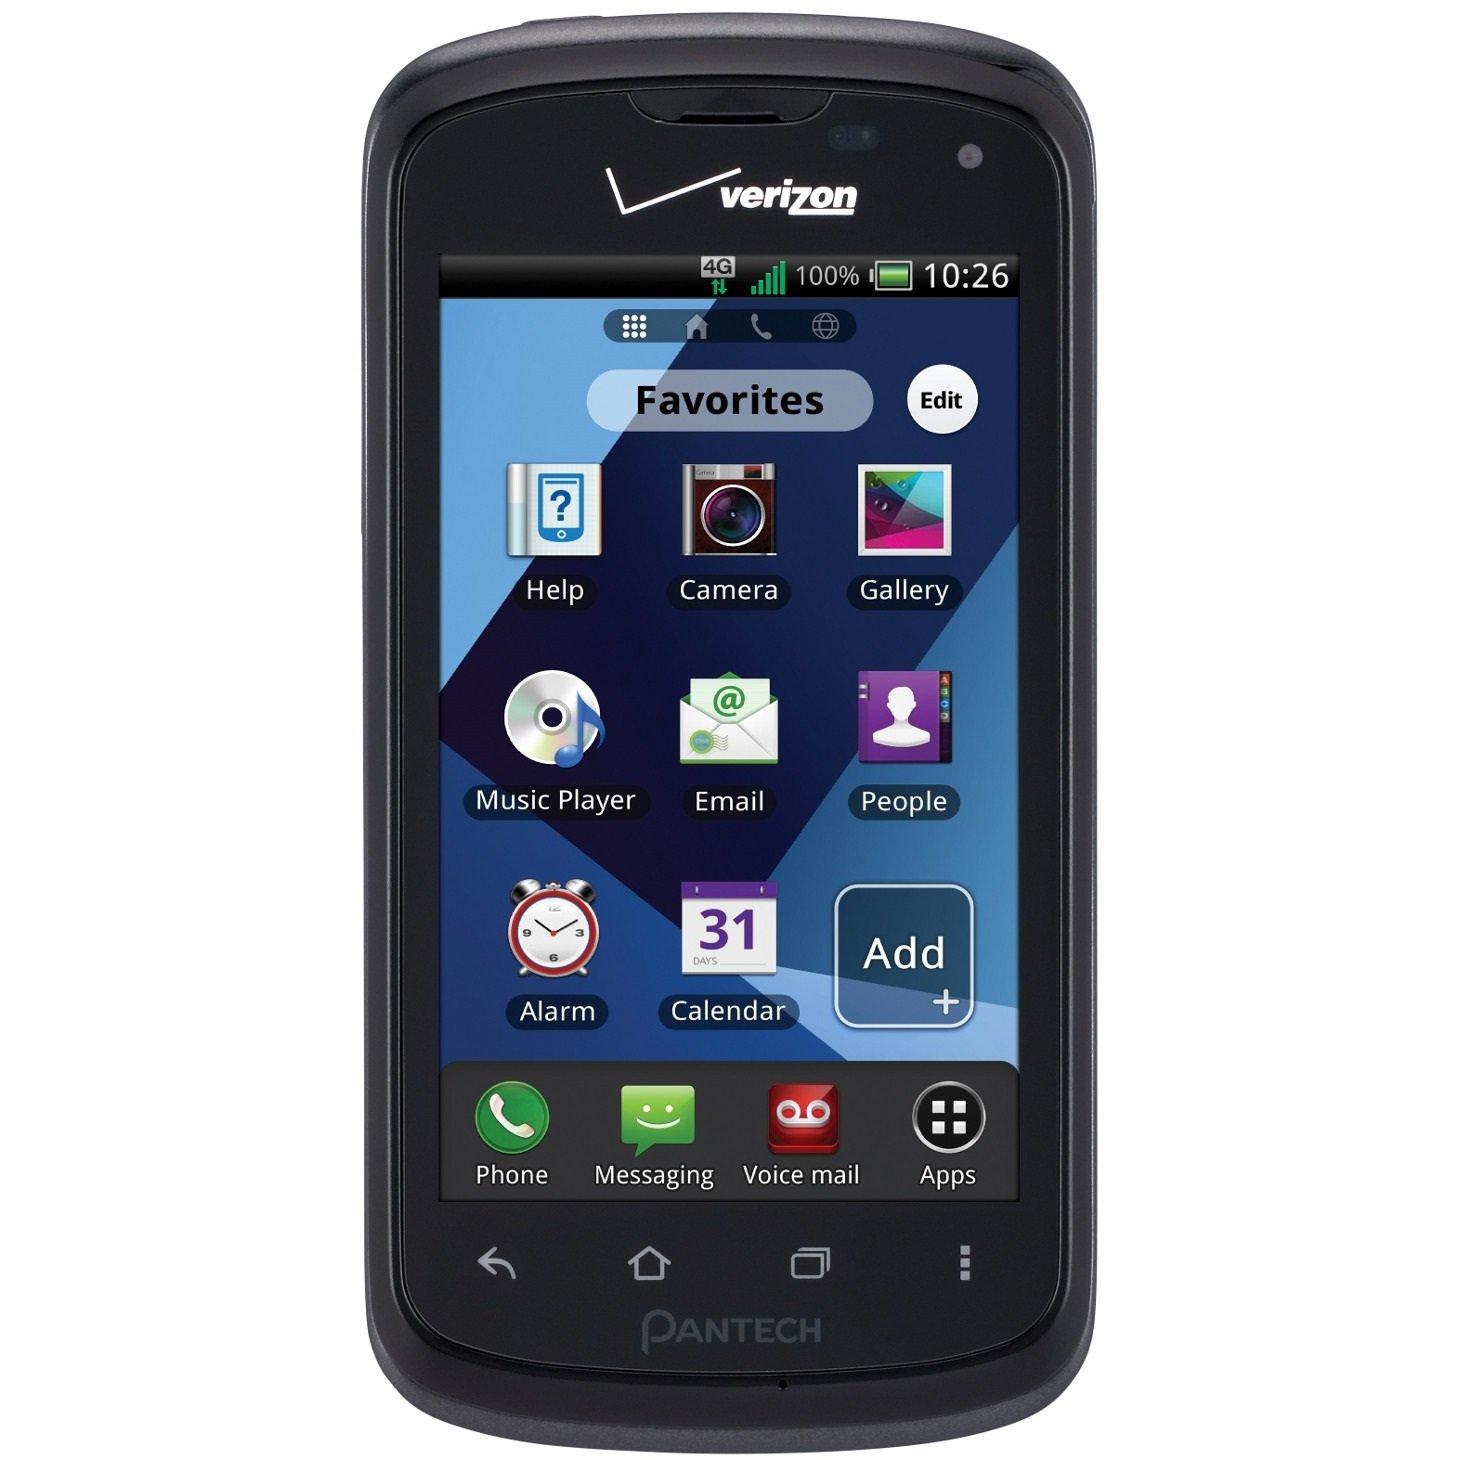 amazon com pantech marauder 4g lte verizon android smart phone rh amazon com AT&T Pantech Renue Phone Manual Walmart Pantech Phone